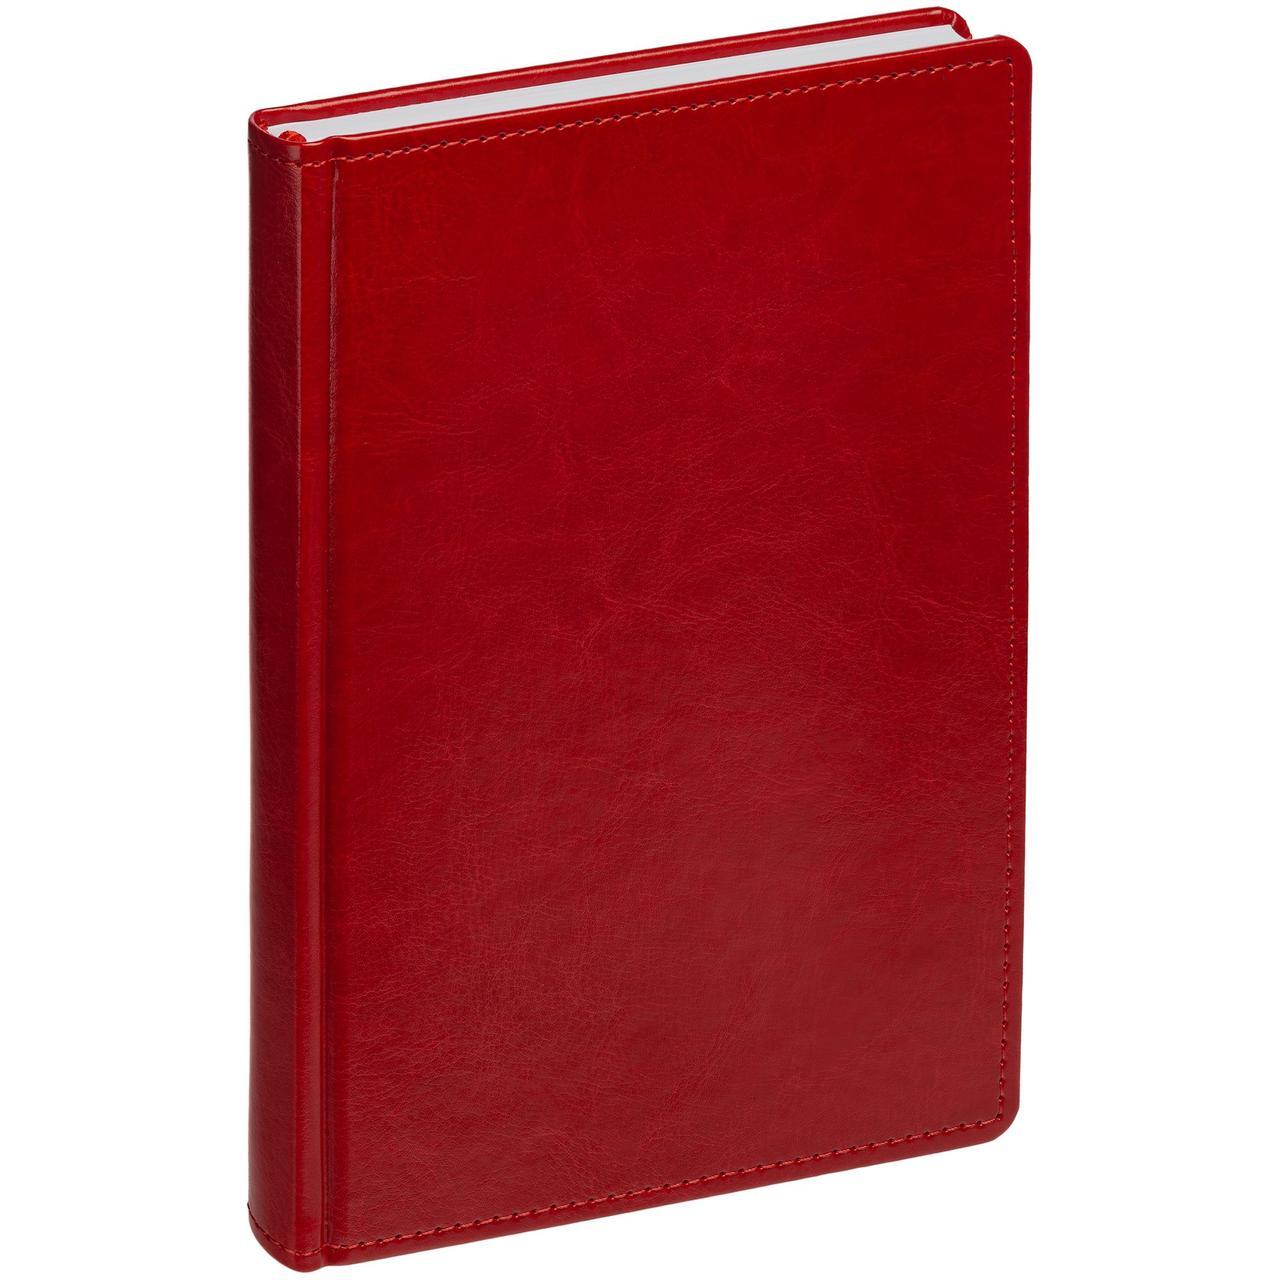 Ежедневник New Nebraska, датированный, красный (артикул 12878.50)